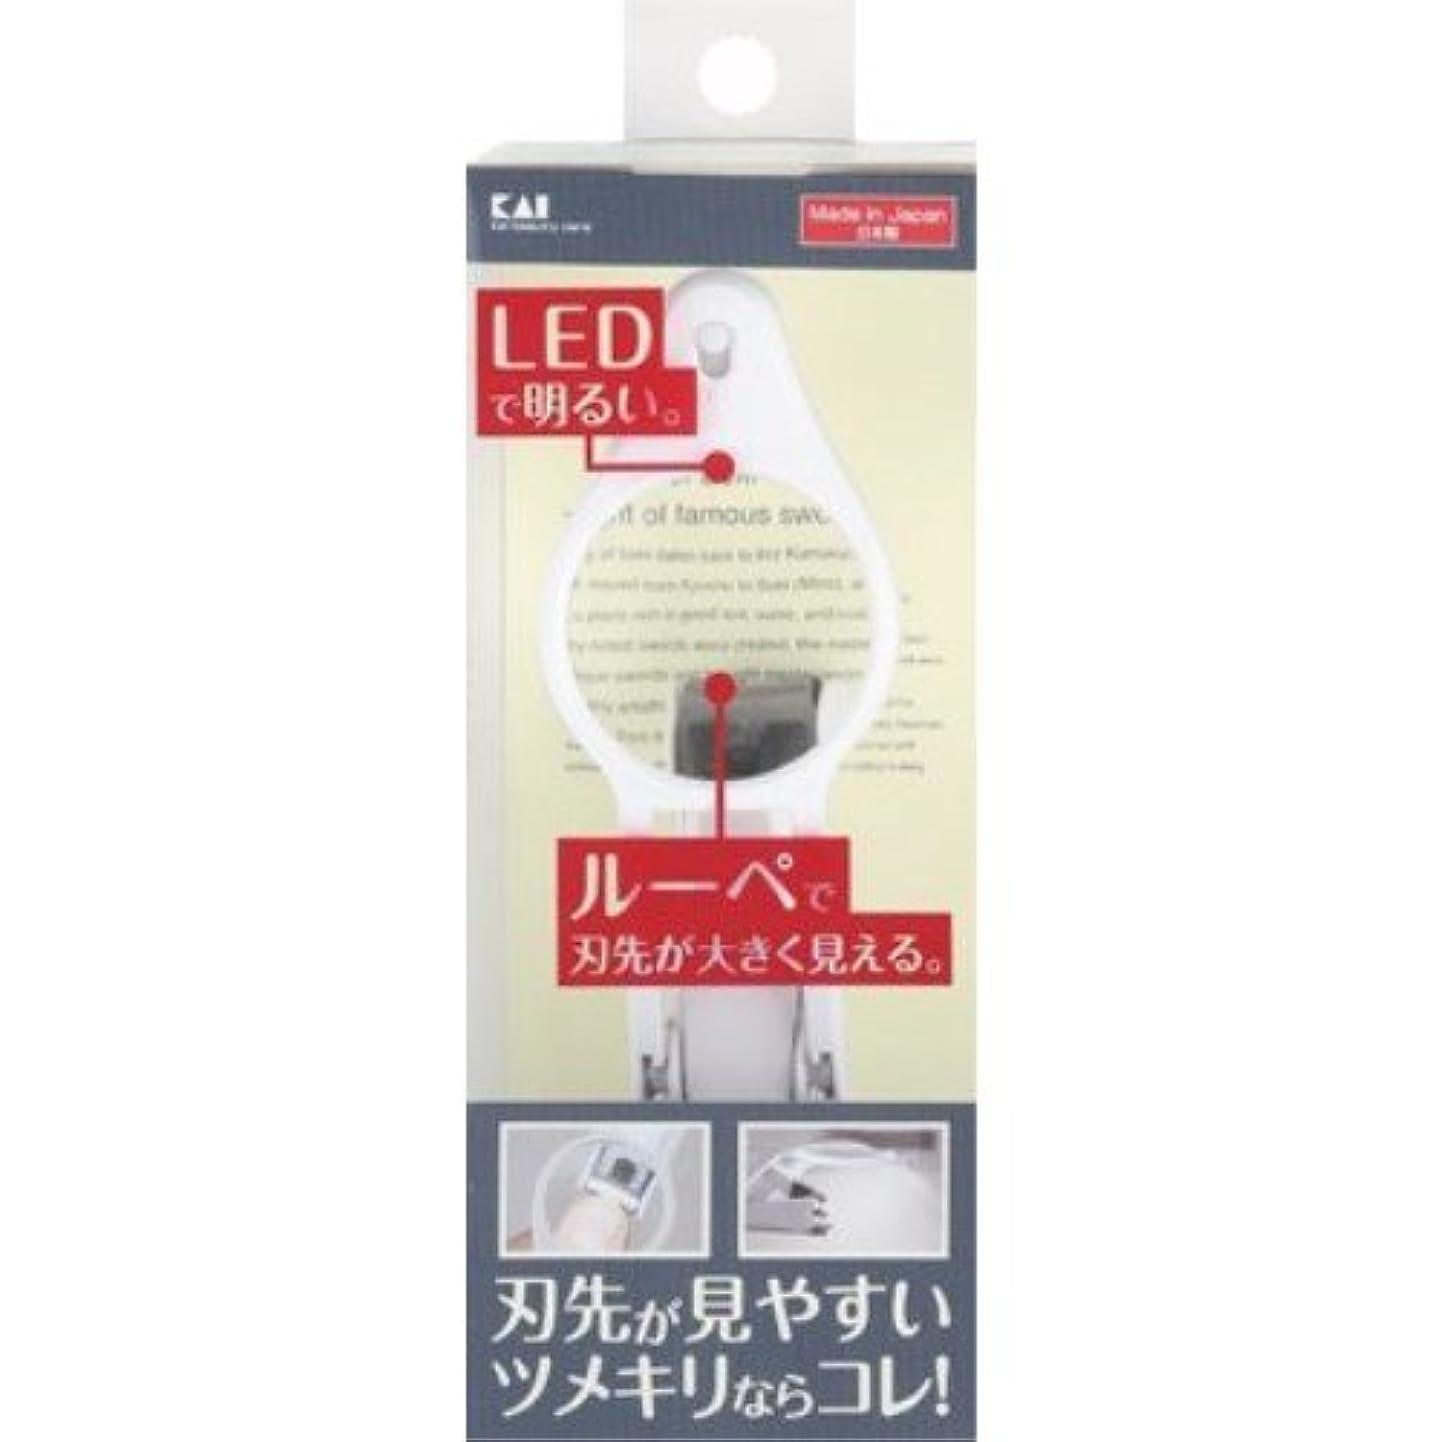 キャベツファランクスほんの貝印 LEDルーペ付きツメキリ KQ0334